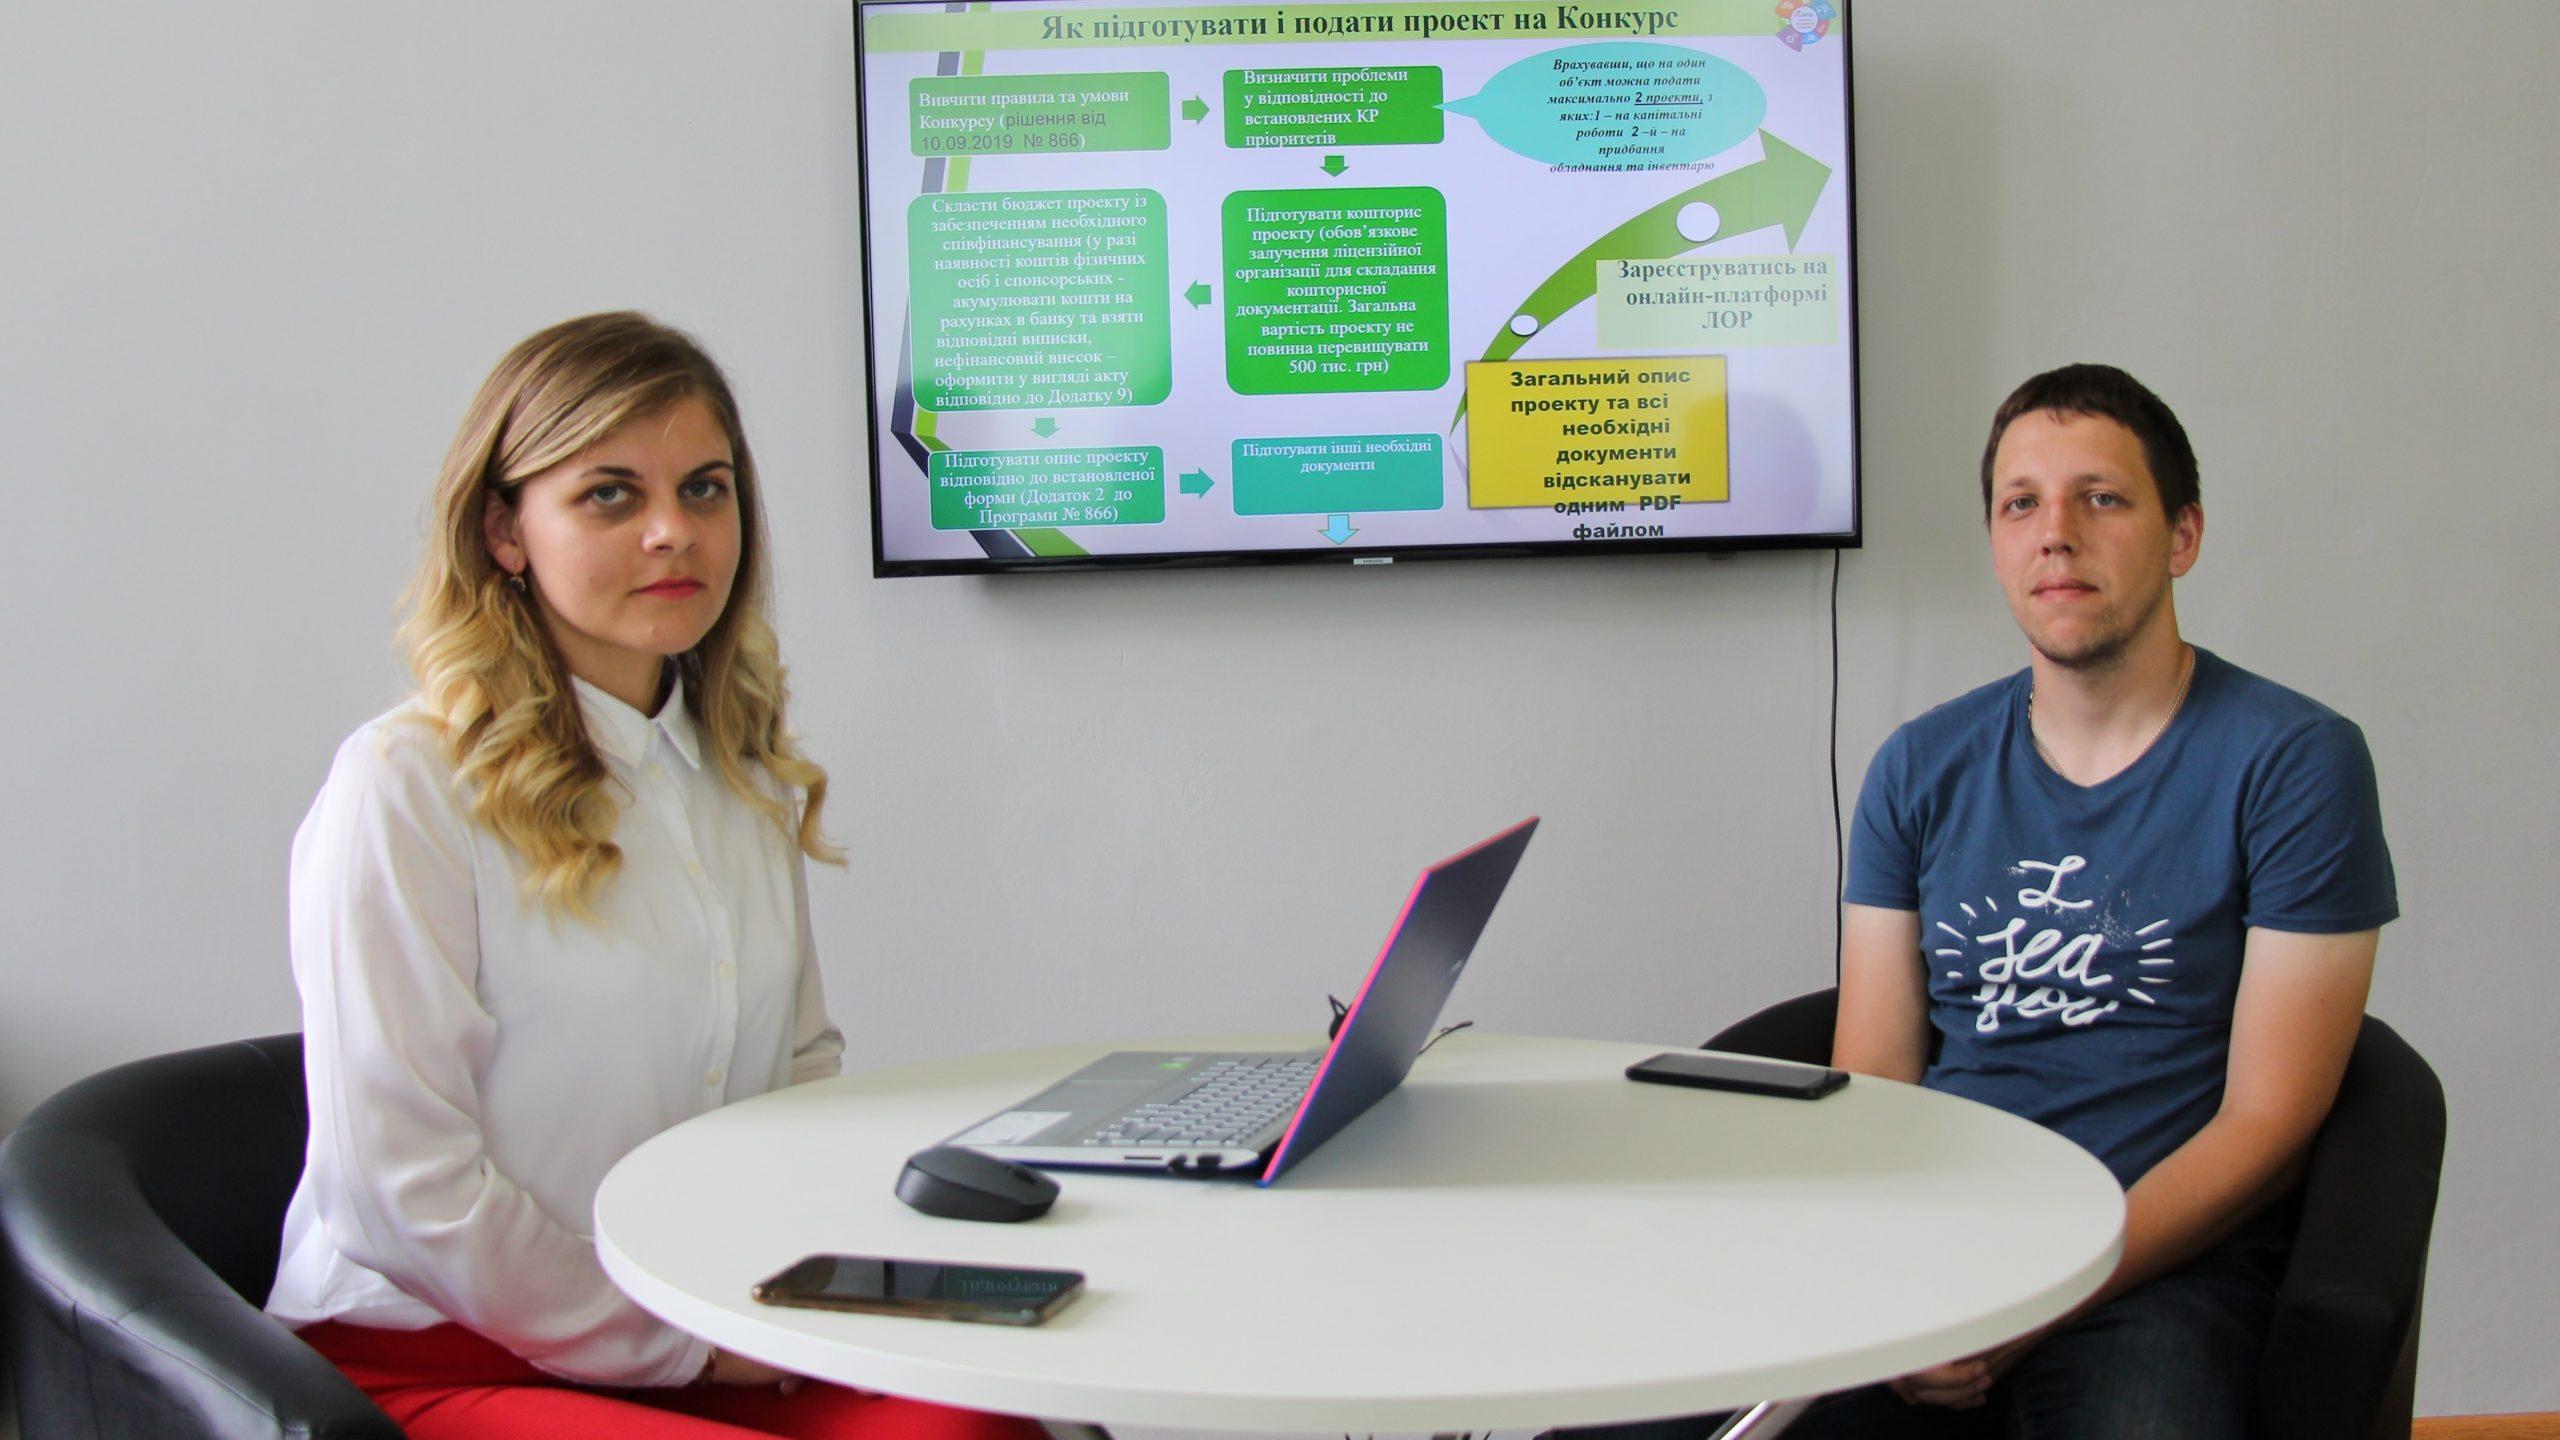 Дрогобич: Smart City – школа розумного громадянина»: Проєкти місцевих ініціатив 2020 – як здобути перемогу?